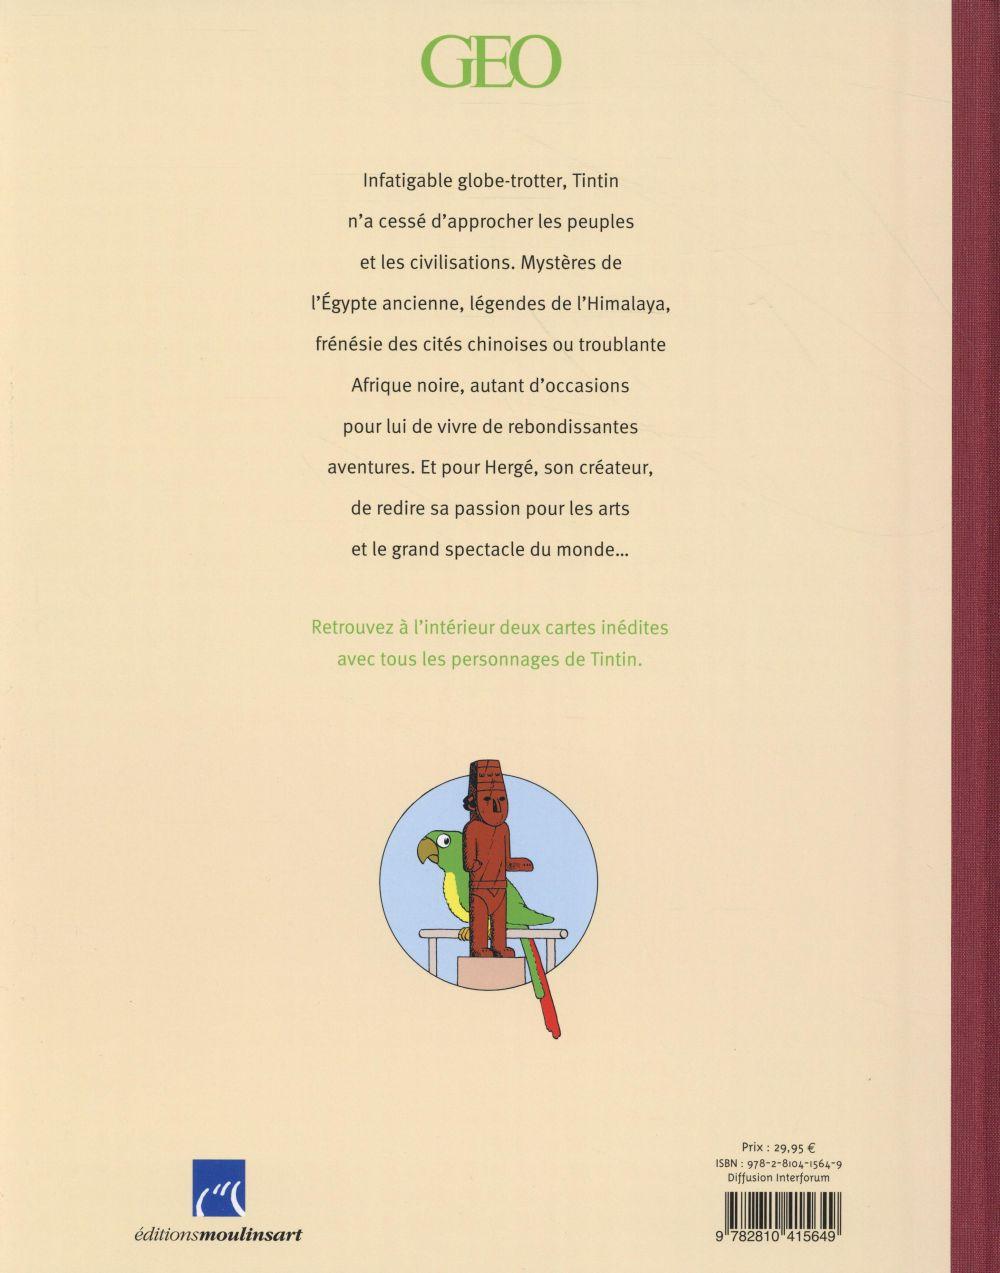 Tintin ; les arts et les civilisations vus par le héros d'Hergé